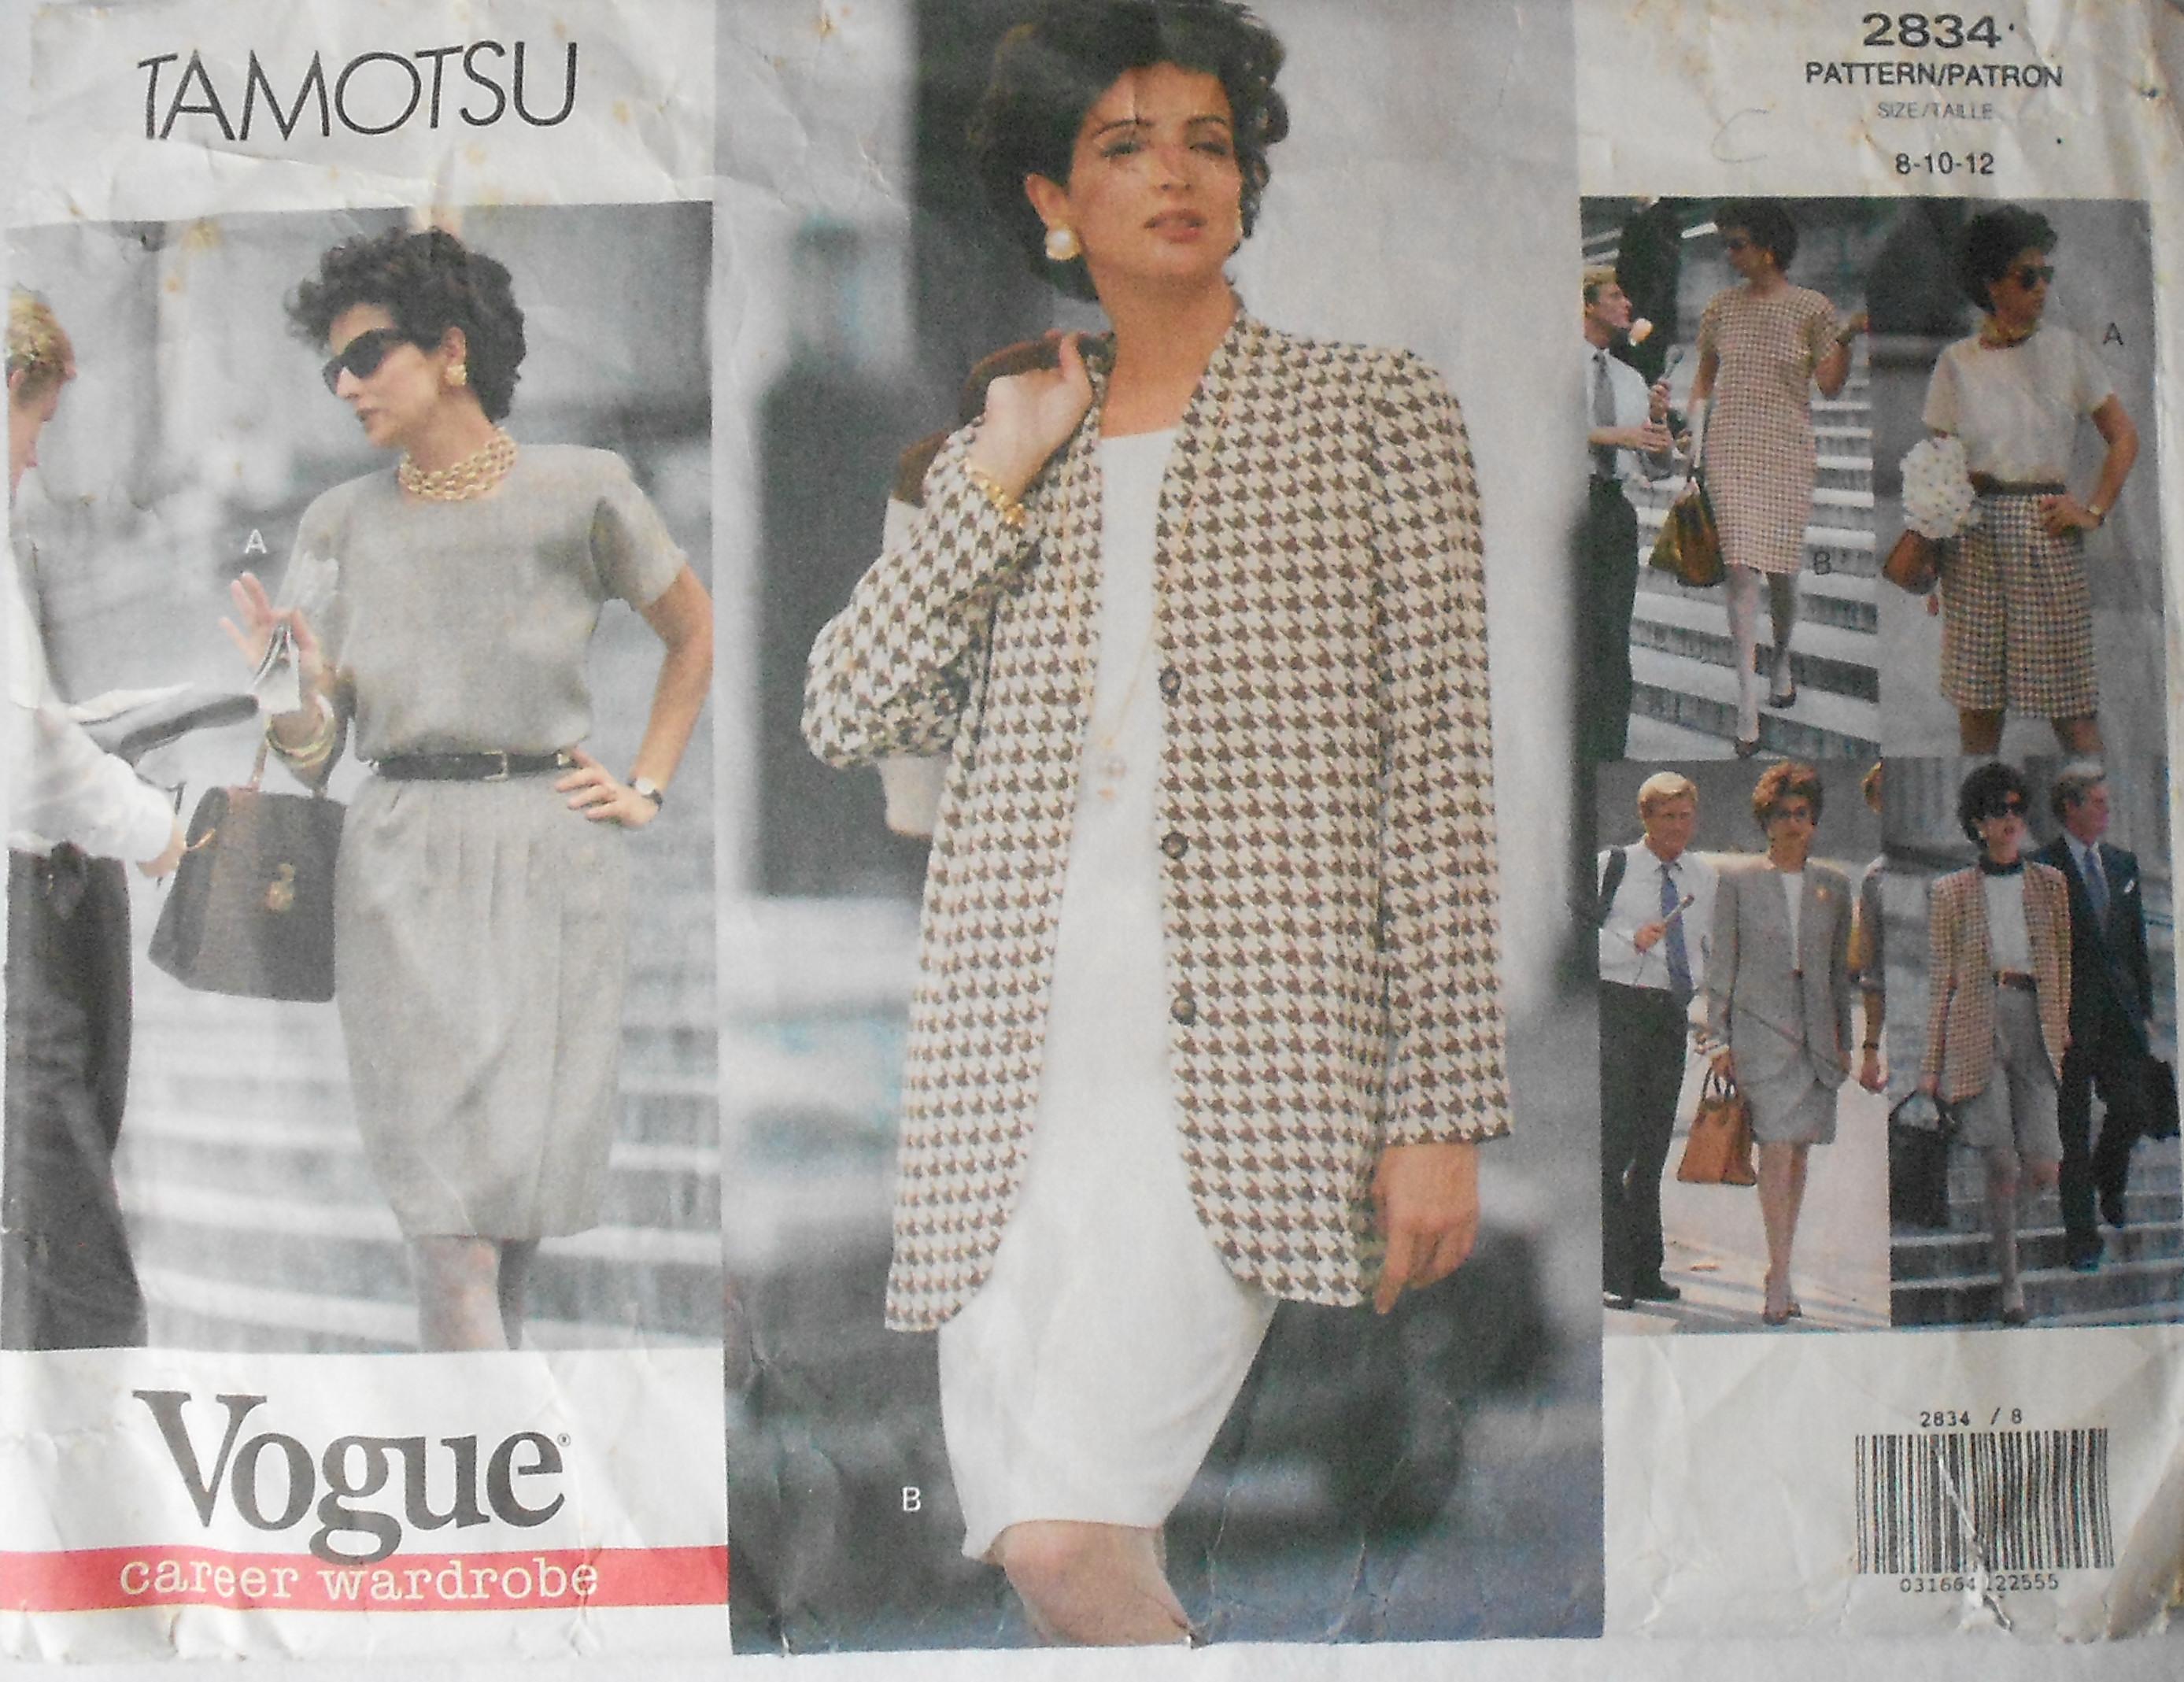 Vogue 2834 C